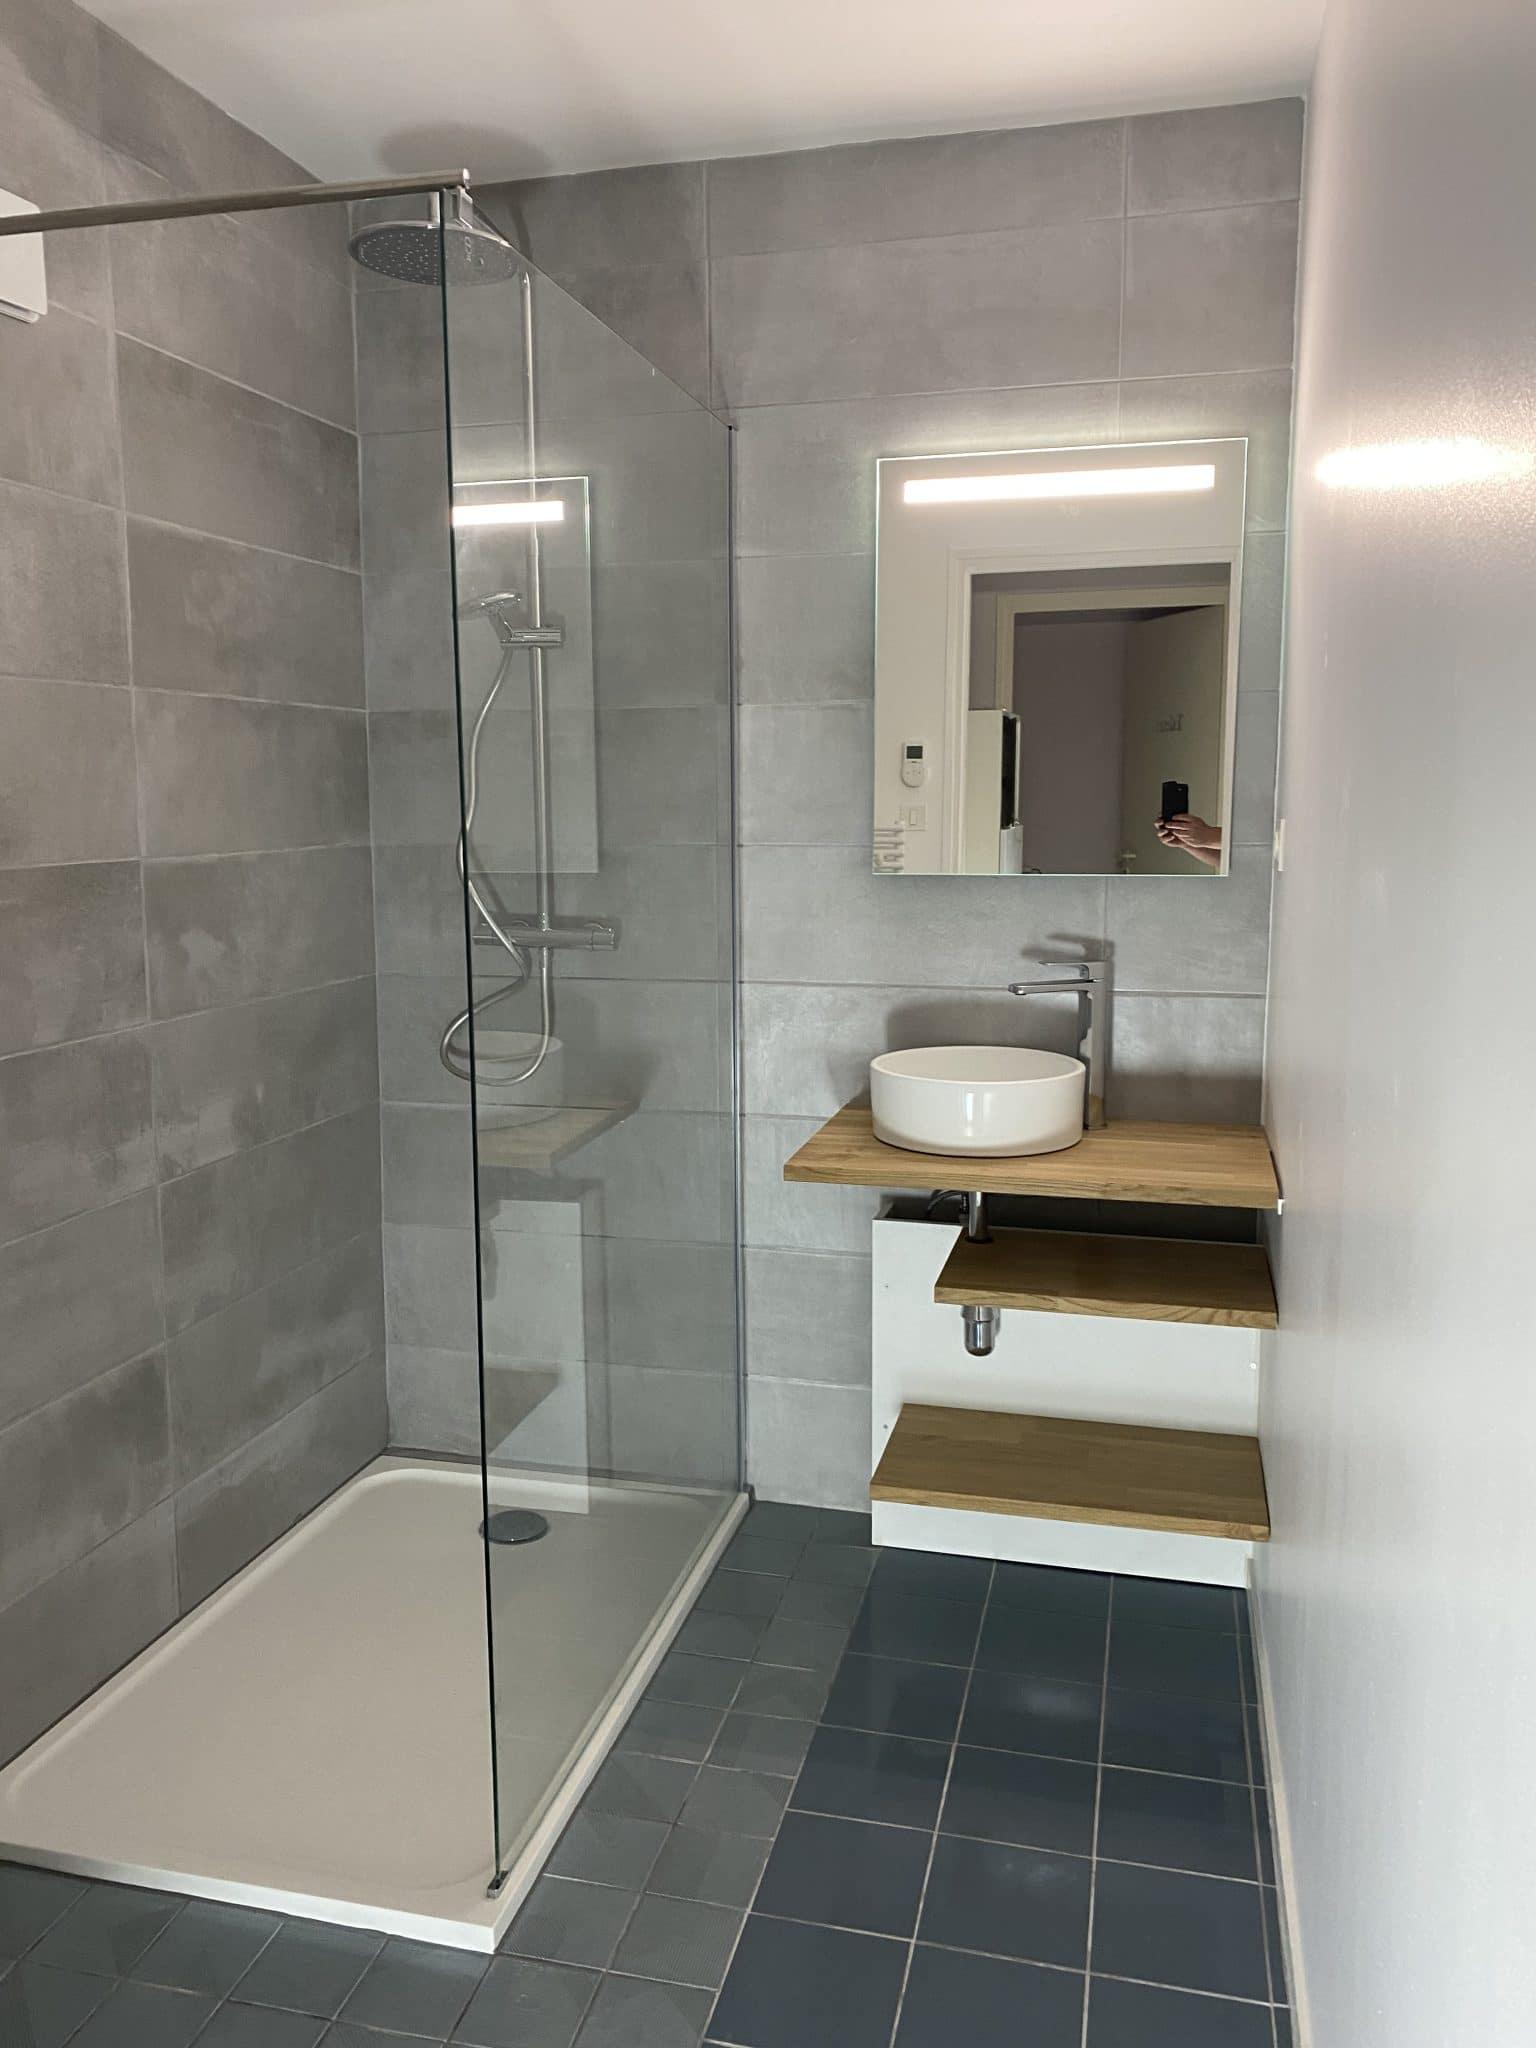 Deco Salle De Bain Avant Apres avant/après d'une rénovation de salle de bain à la roche-sur-yon (85)